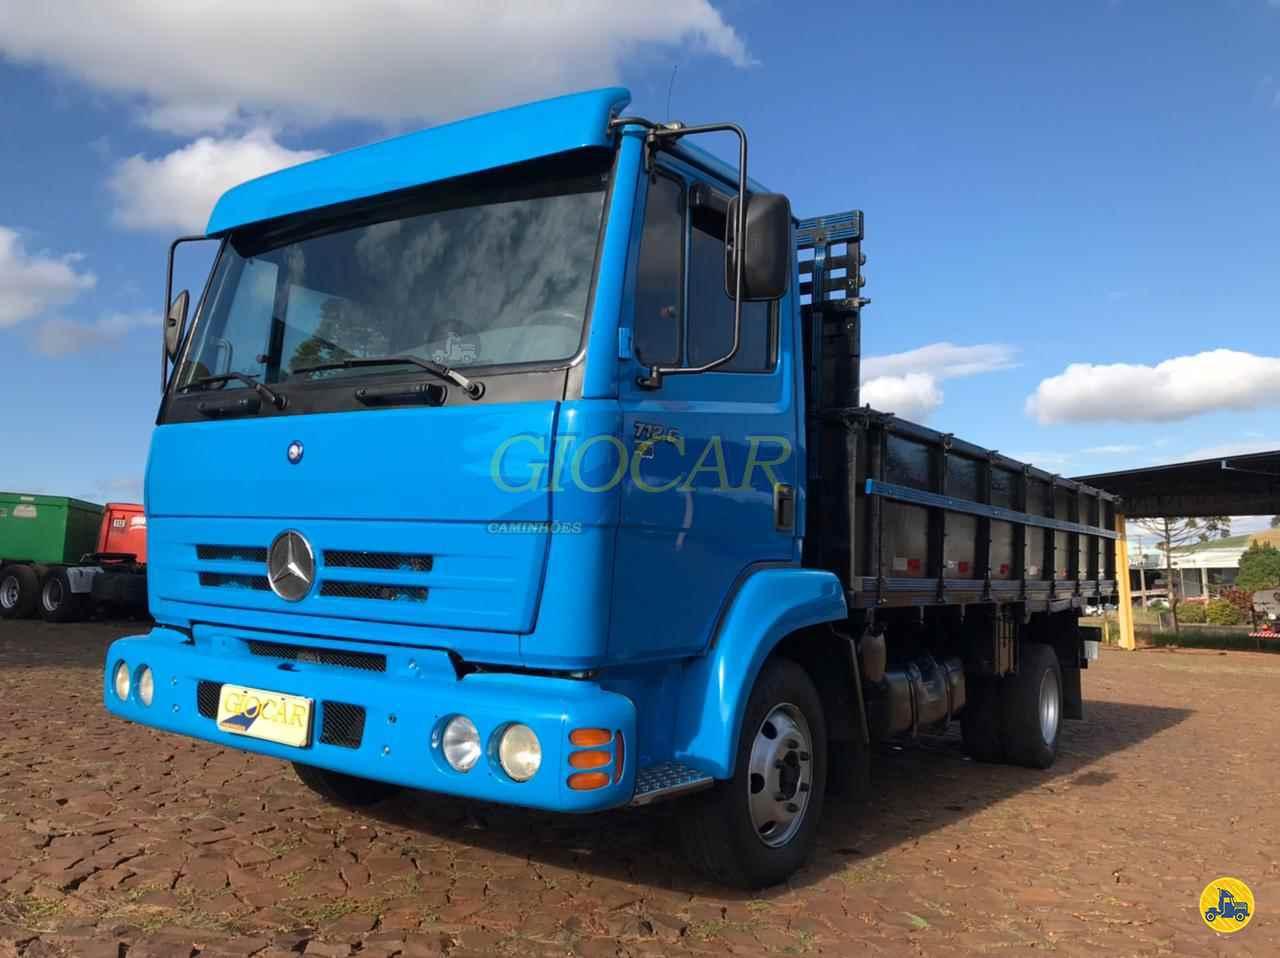 CAMINHAO MERCEDES-BENZ MB 712 Graneleiro 3/4 4x2 Giocar Caminhões PATO BRANCO PARANÁ PR